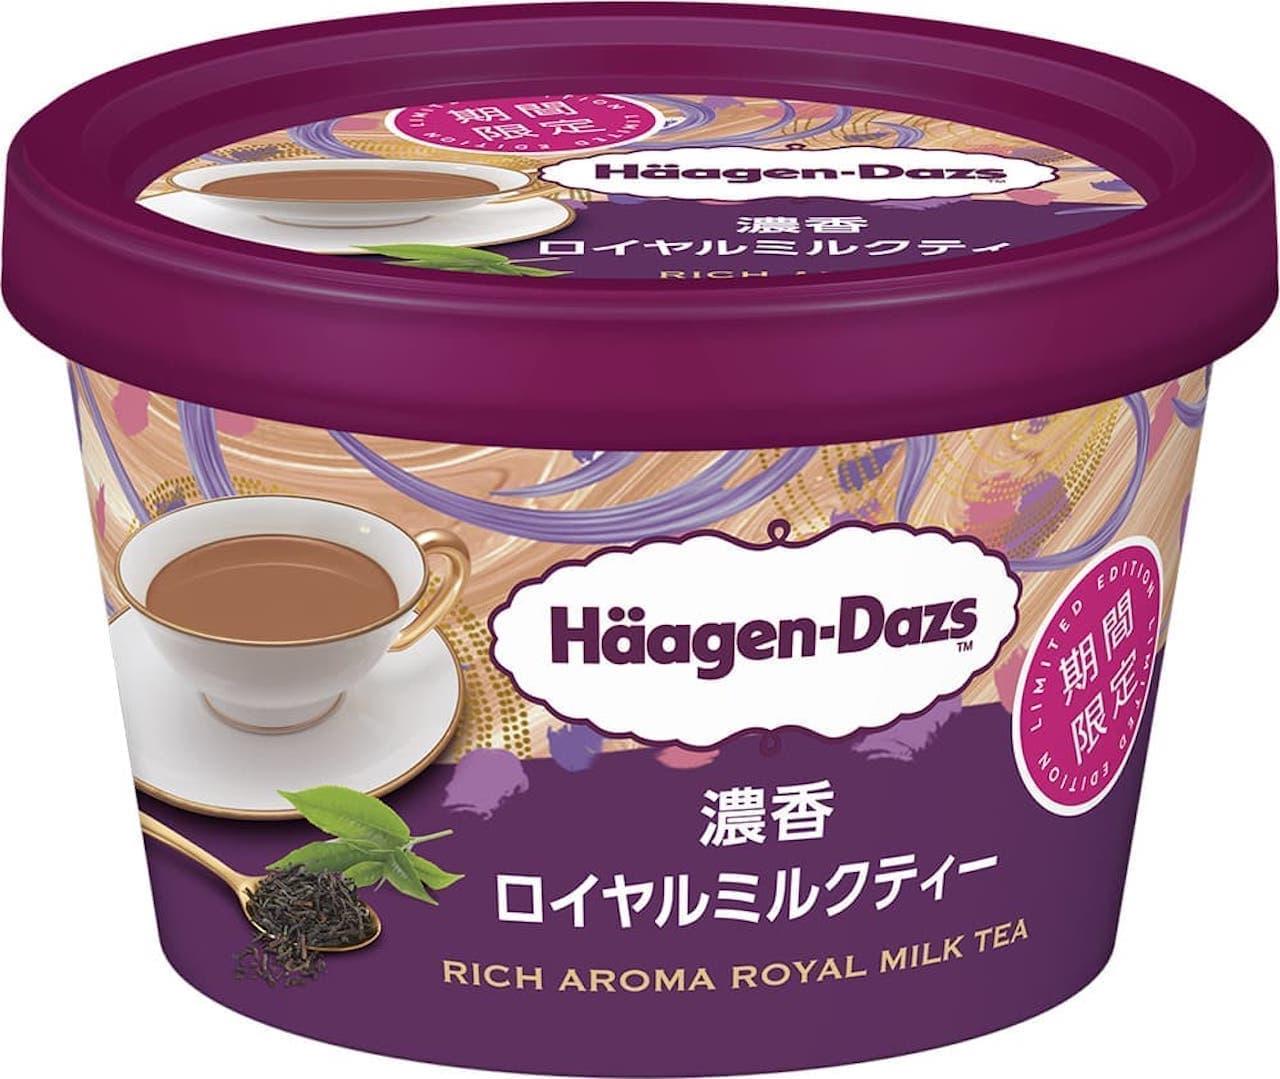 ハーゲンダッツミニカップ「濃香(のうこう)ロイヤルミルクティー」